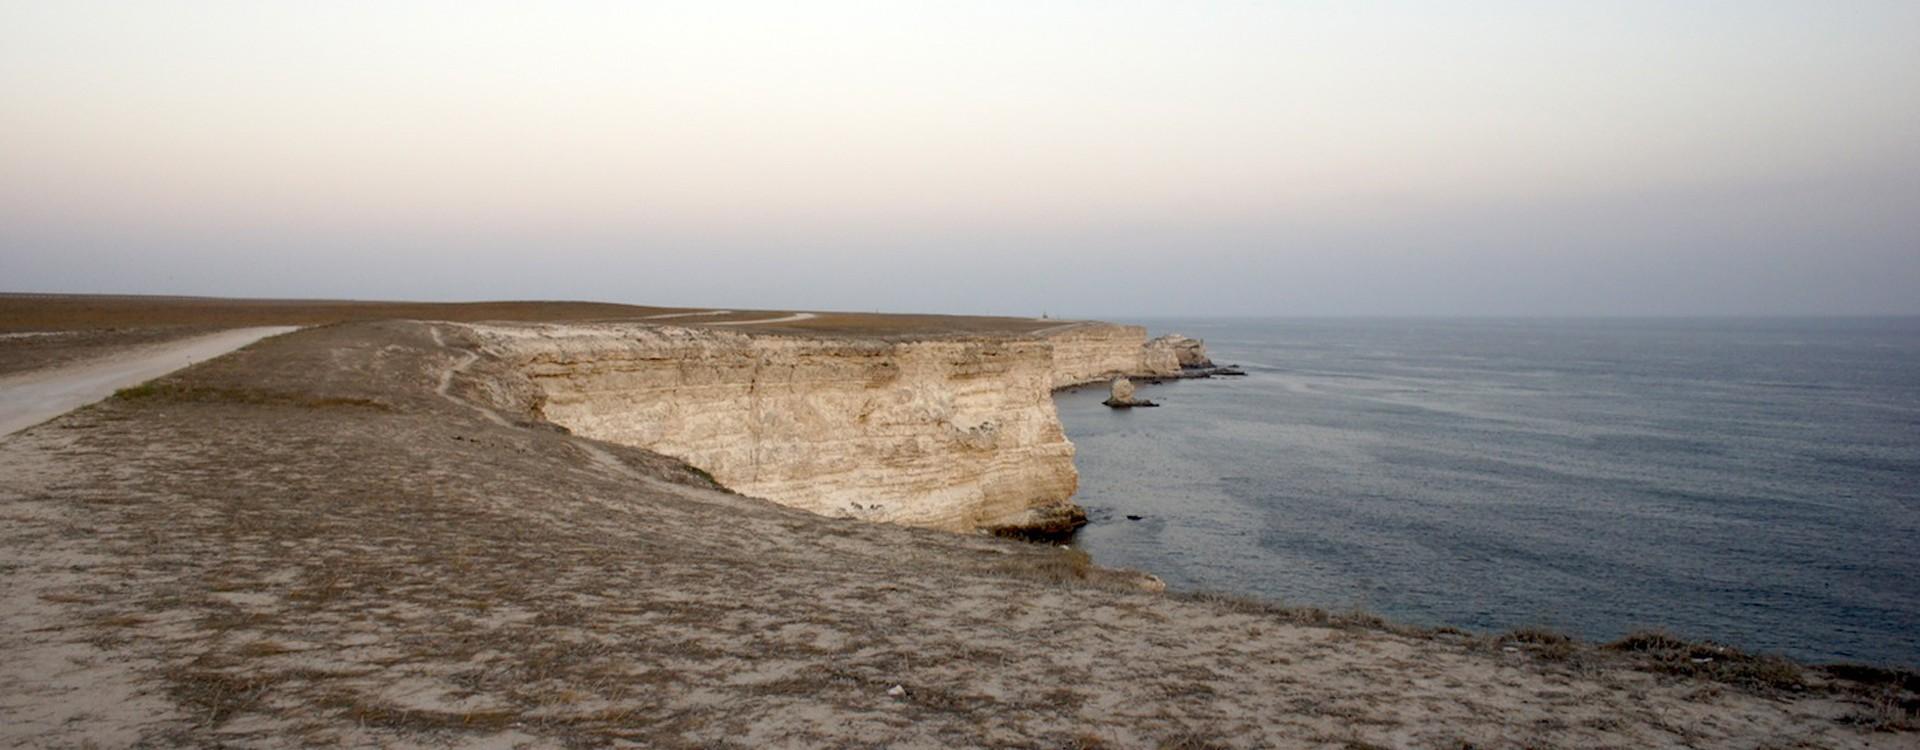 Тарханкут во всей красе, Оленевка, Крым